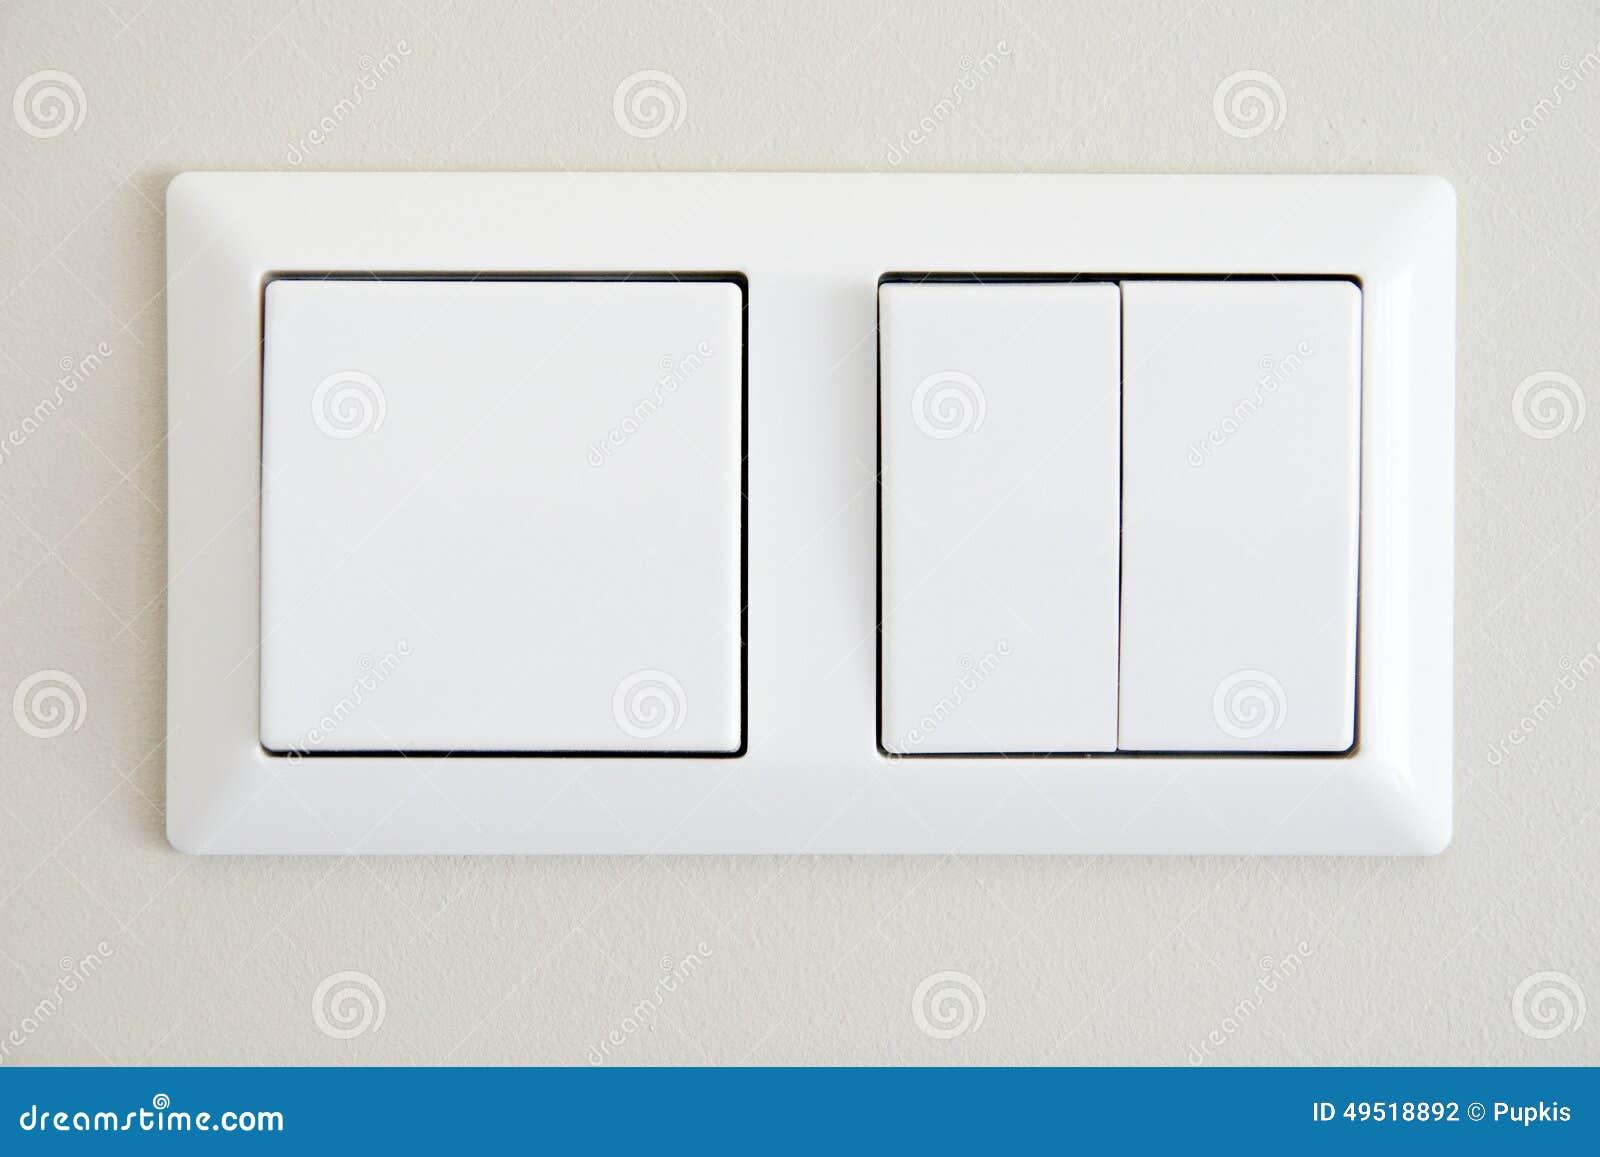 Elektrische Schalter stockfoto. Bild von rund, haushalt - 49518892